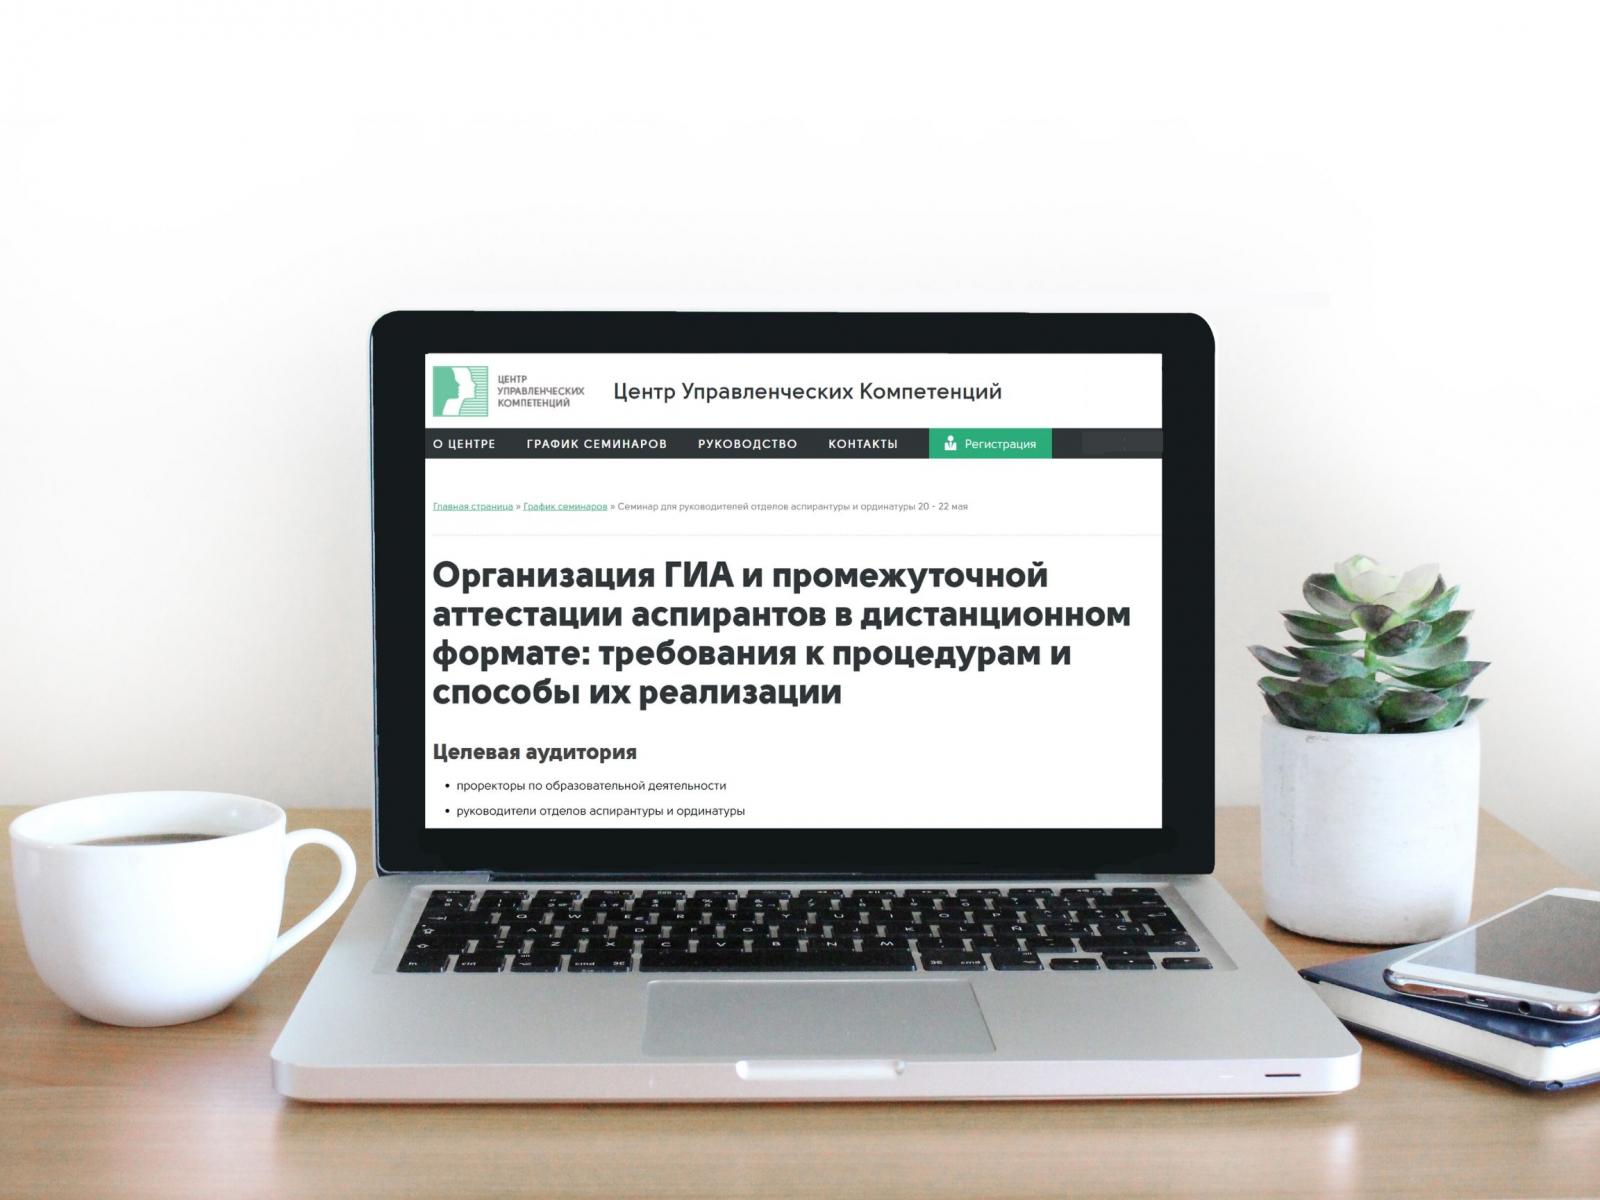 Организация ГИА и промежуточной аттестации аспирантов в дистанционном формате: требования к процедурам и способы их реализации